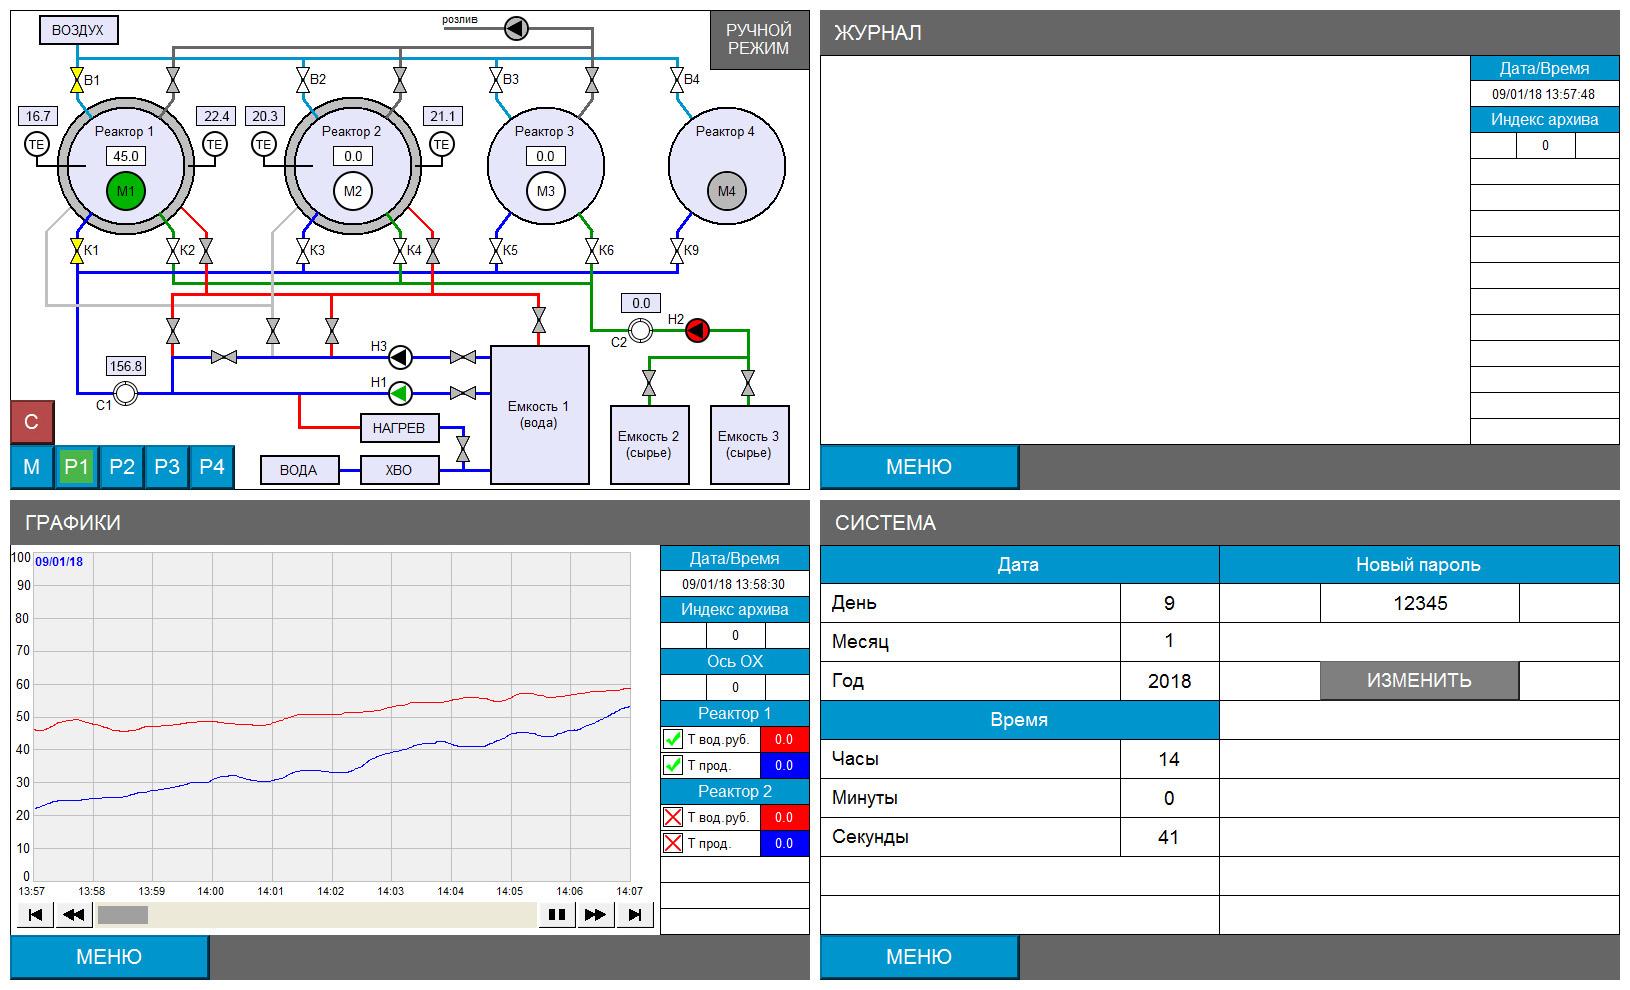 Система автоматизации оборудования производства автохимии - экраны панели оператора 2